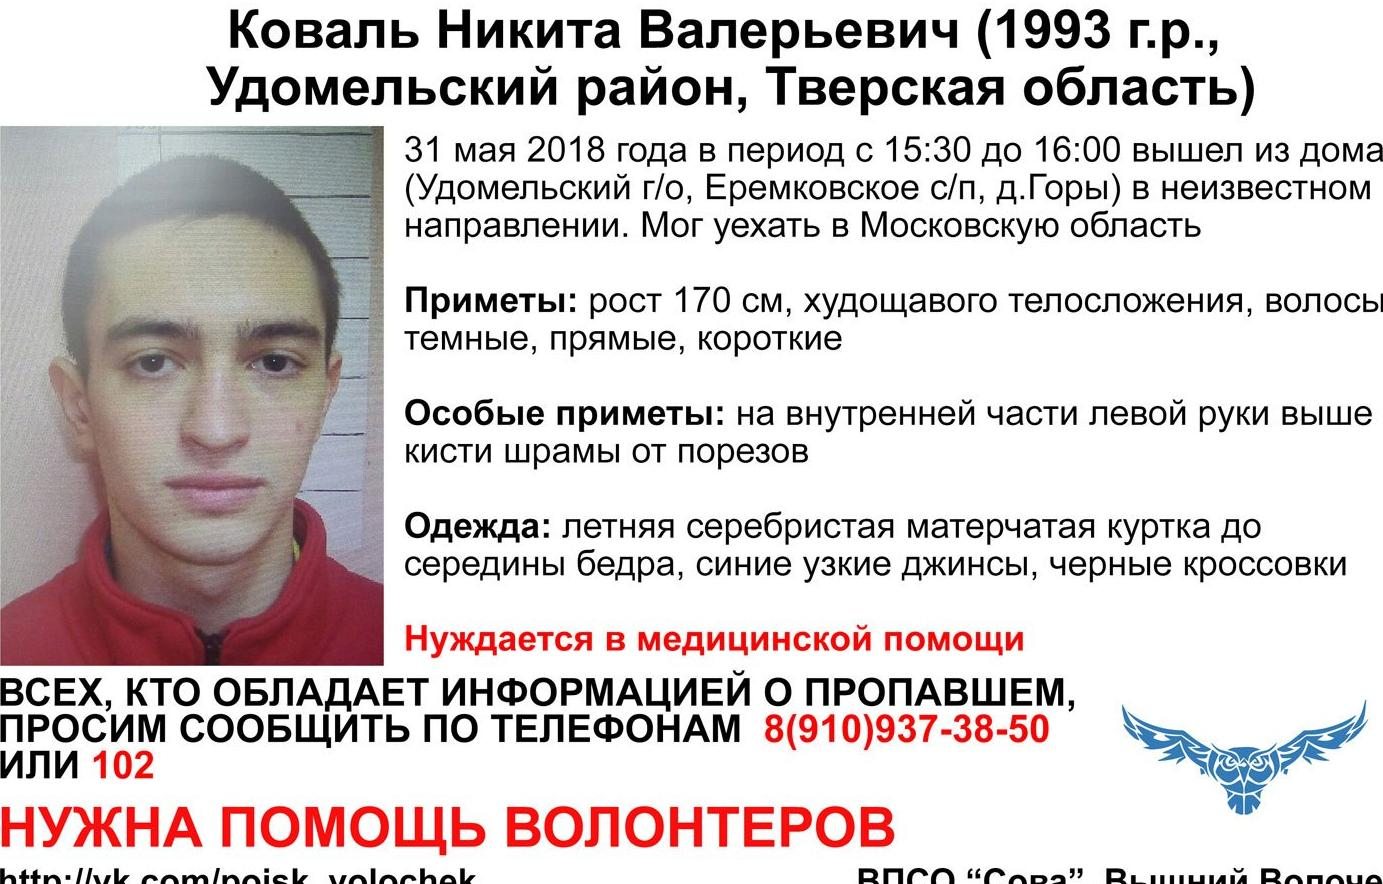 Молодой человек, которого искали в Тверской области с 2018 года, найден погибшим - новости Афанасий